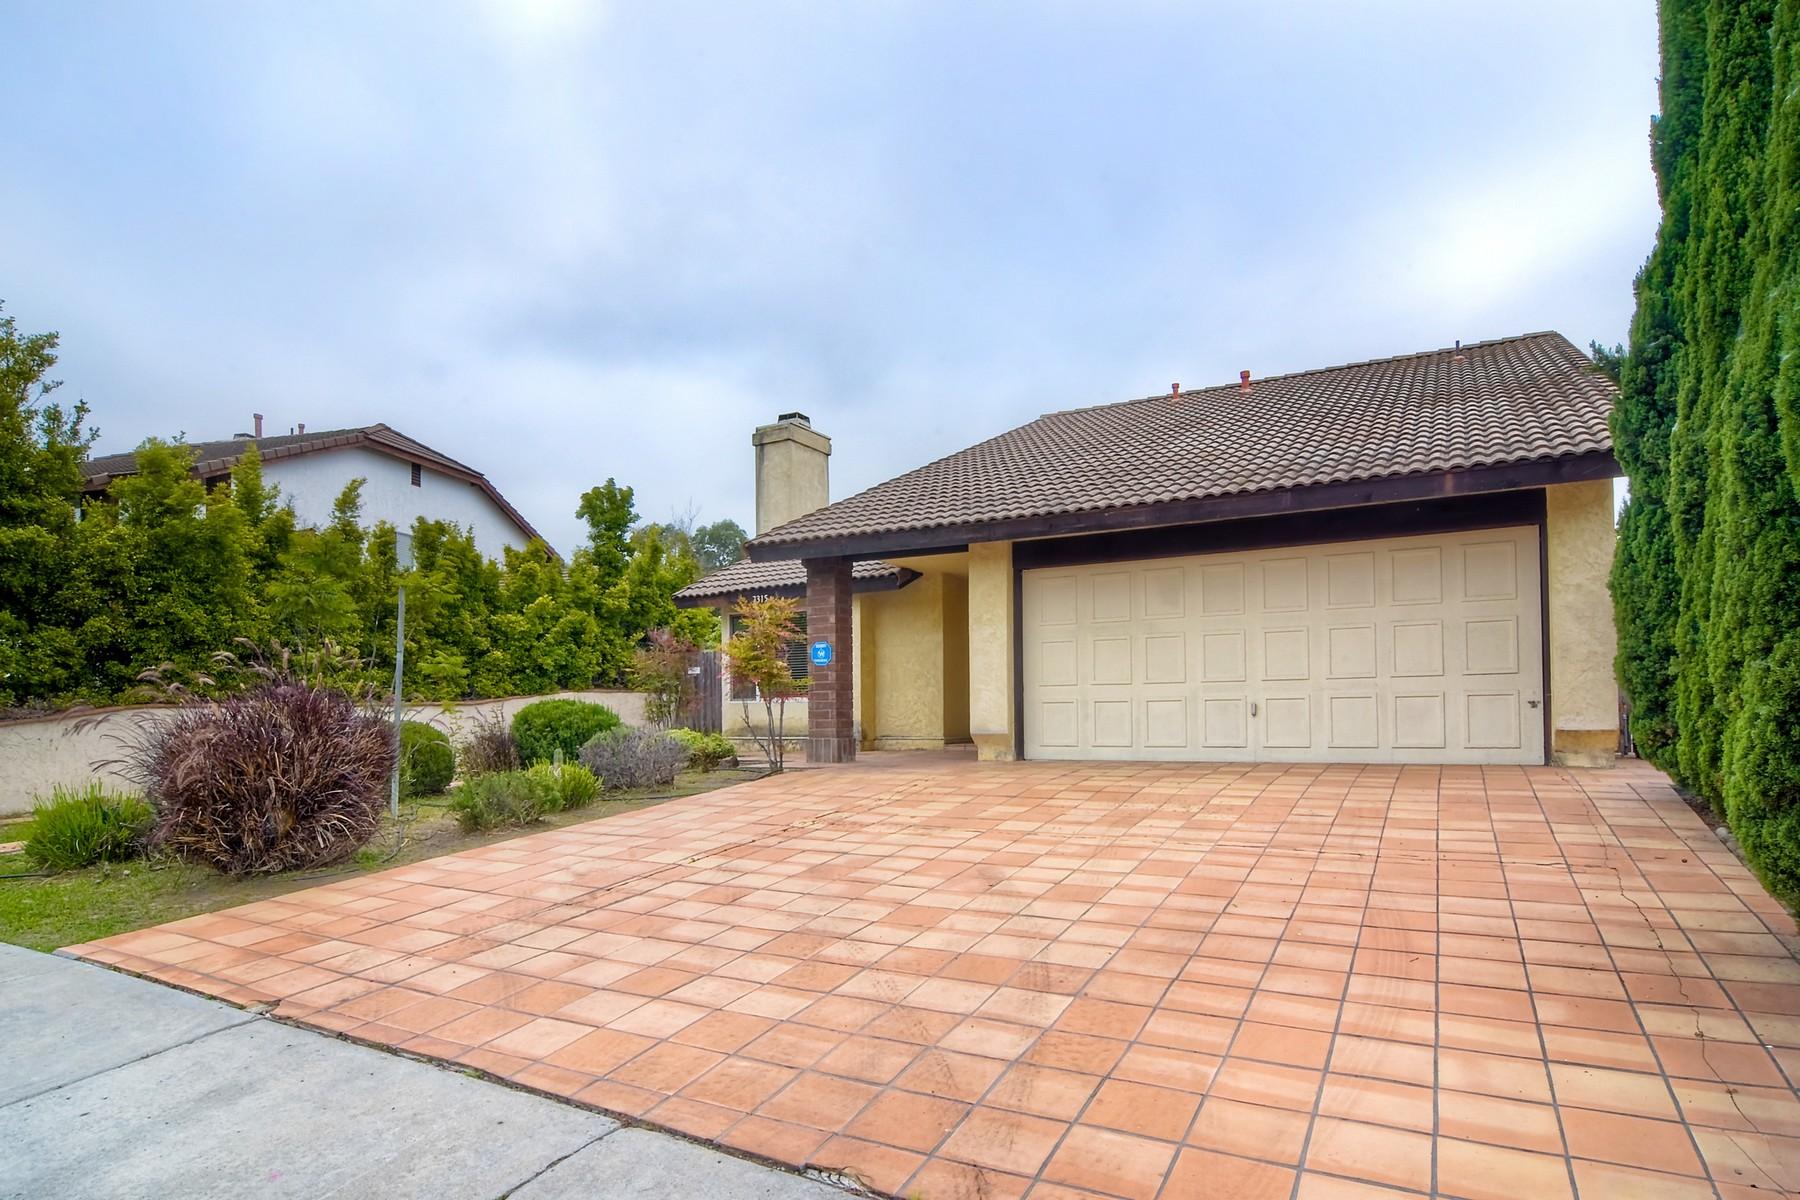 Villa per Vendita alle ore 7315 Rock Canyon 7315 Rock Canyon Drive San Diego, California, 92126 Stati Uniti